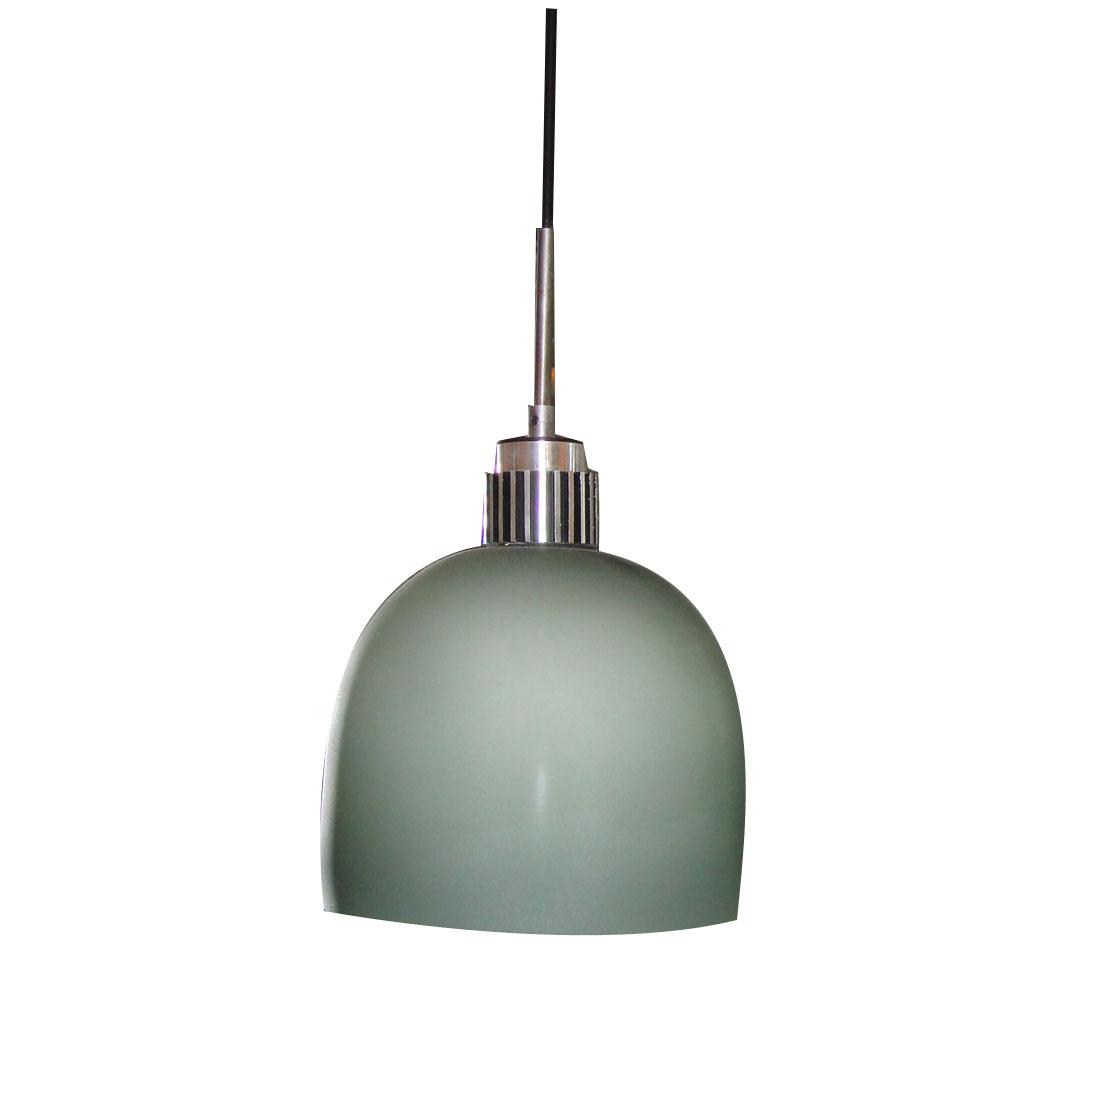 โคมไฟแขวน 1350-1